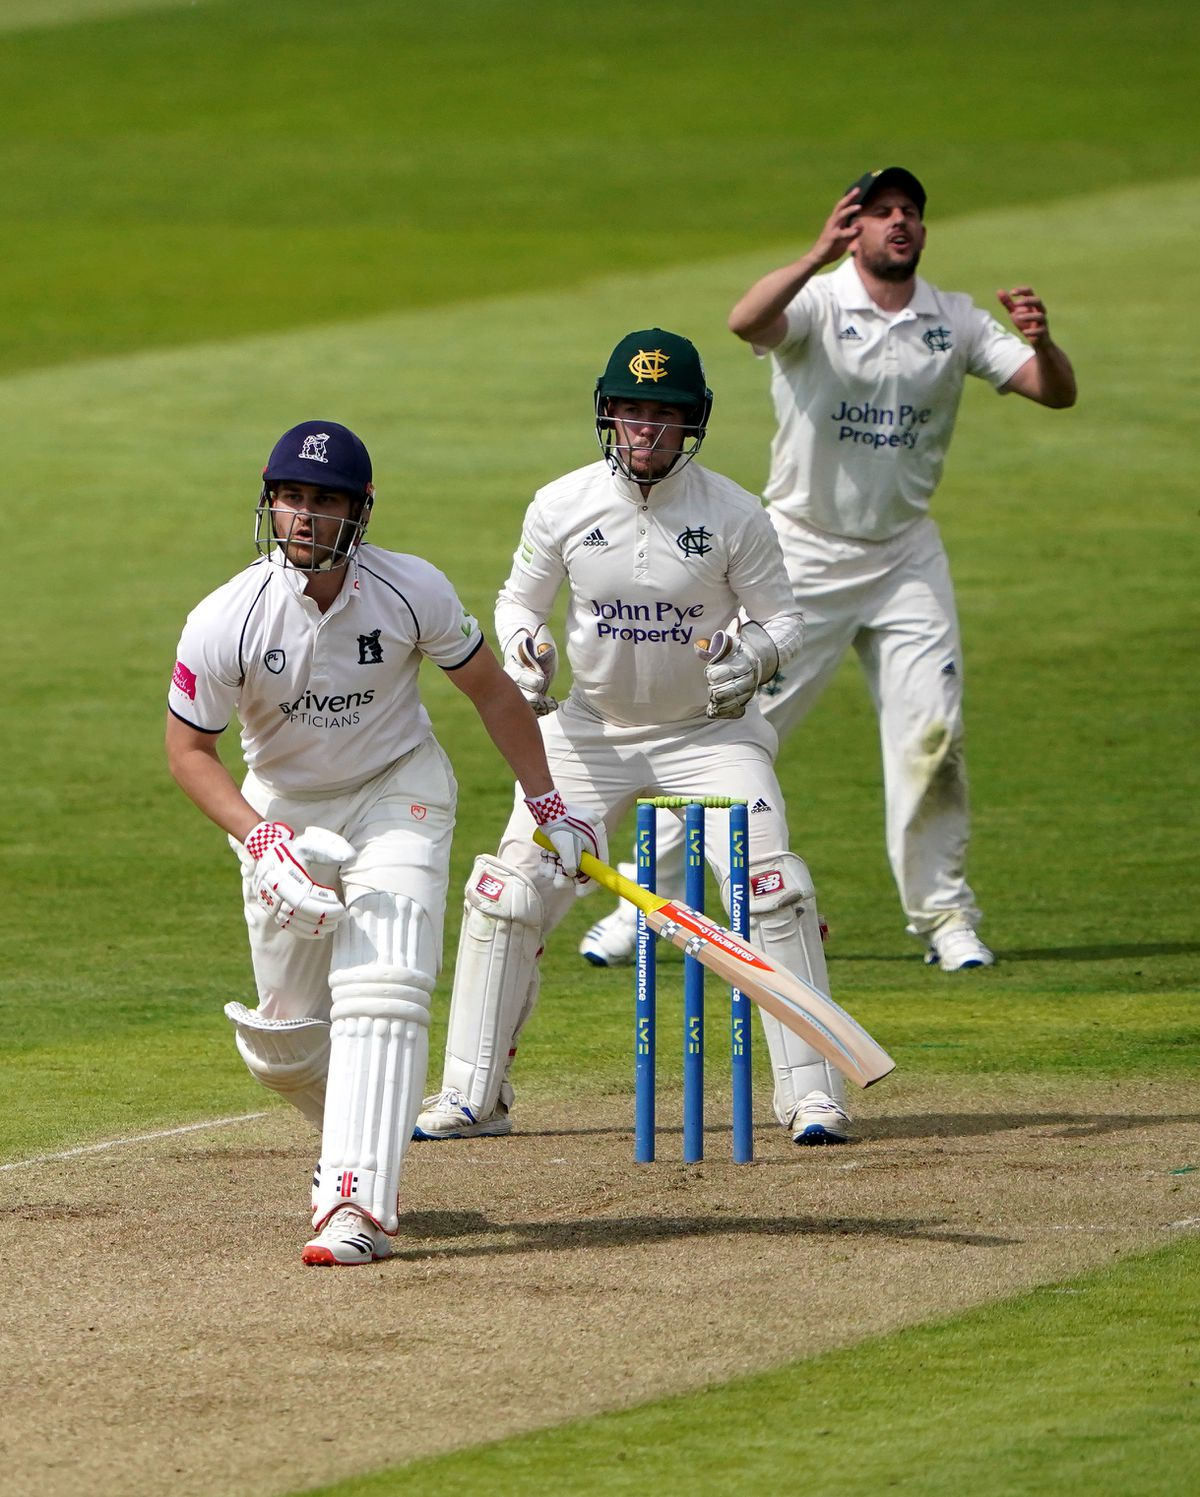 Warwickshire's Will Rhodes